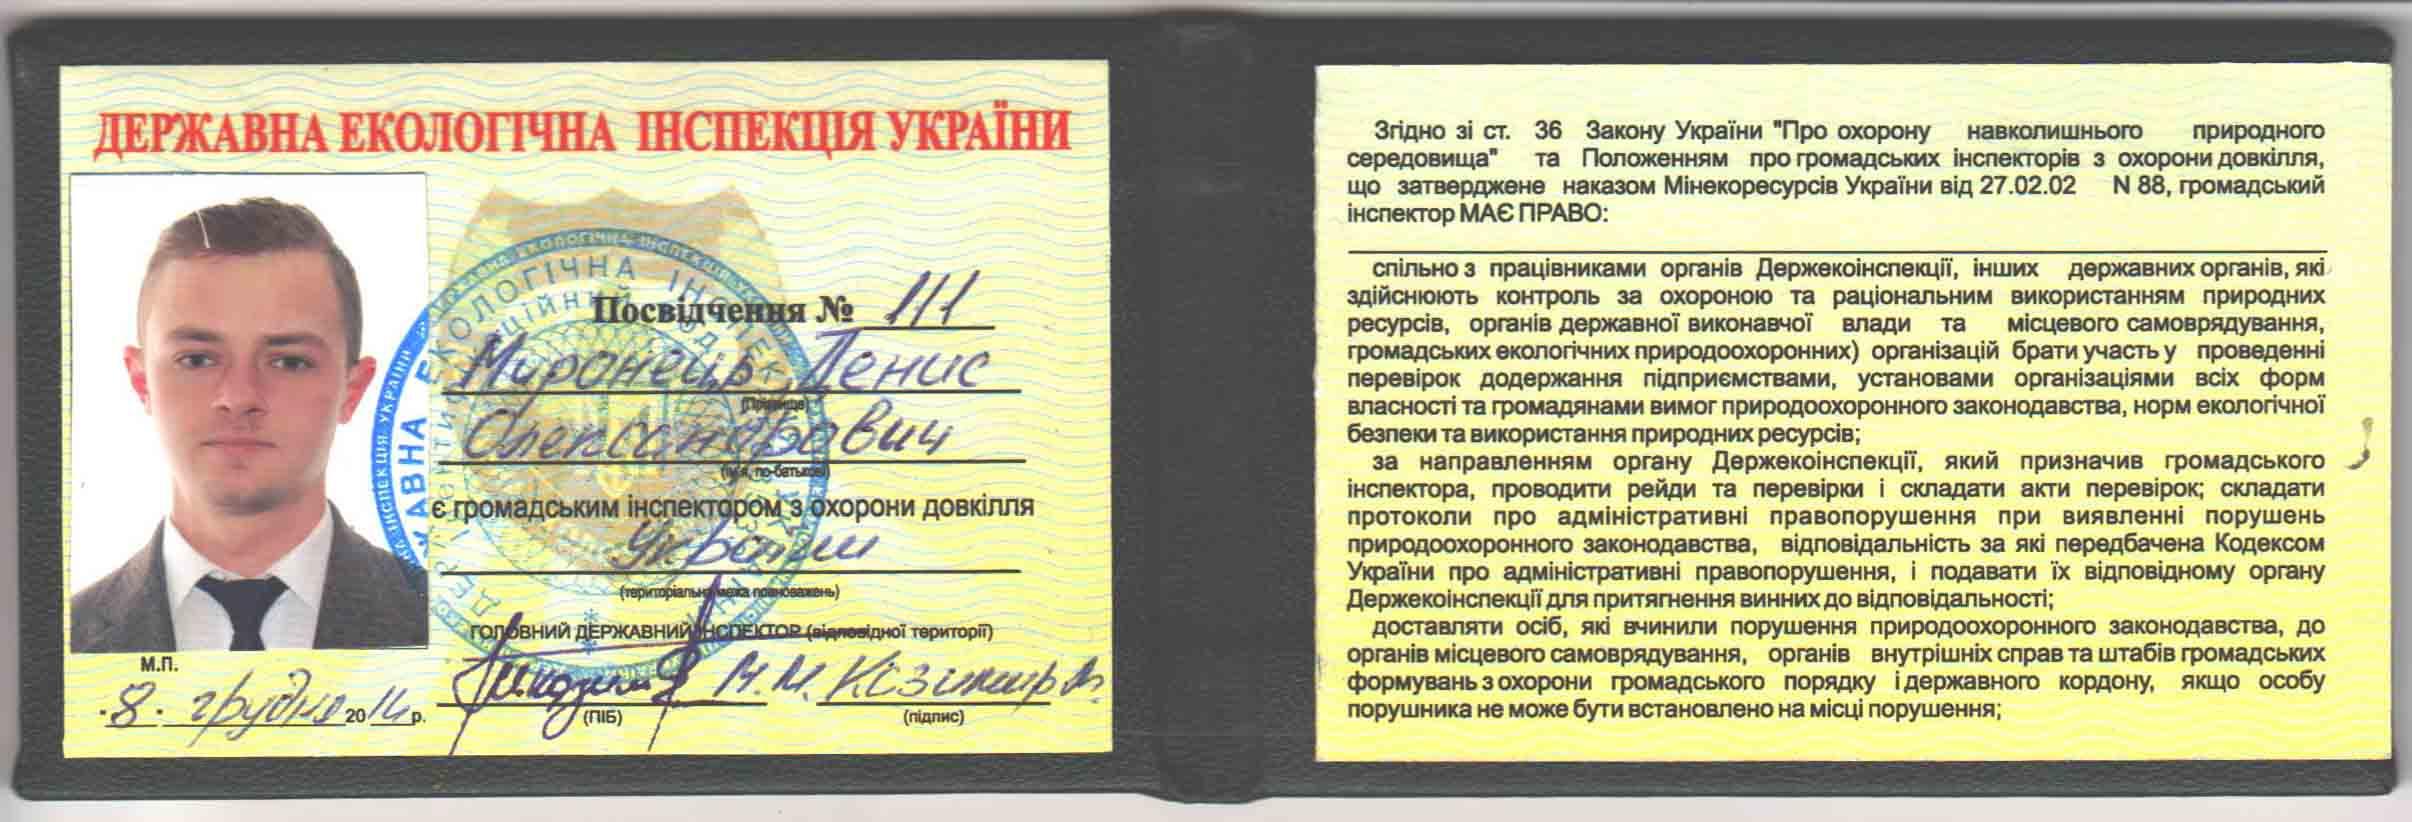 Удостоверение общественного экологического испектора Украины Миронец Д.А.